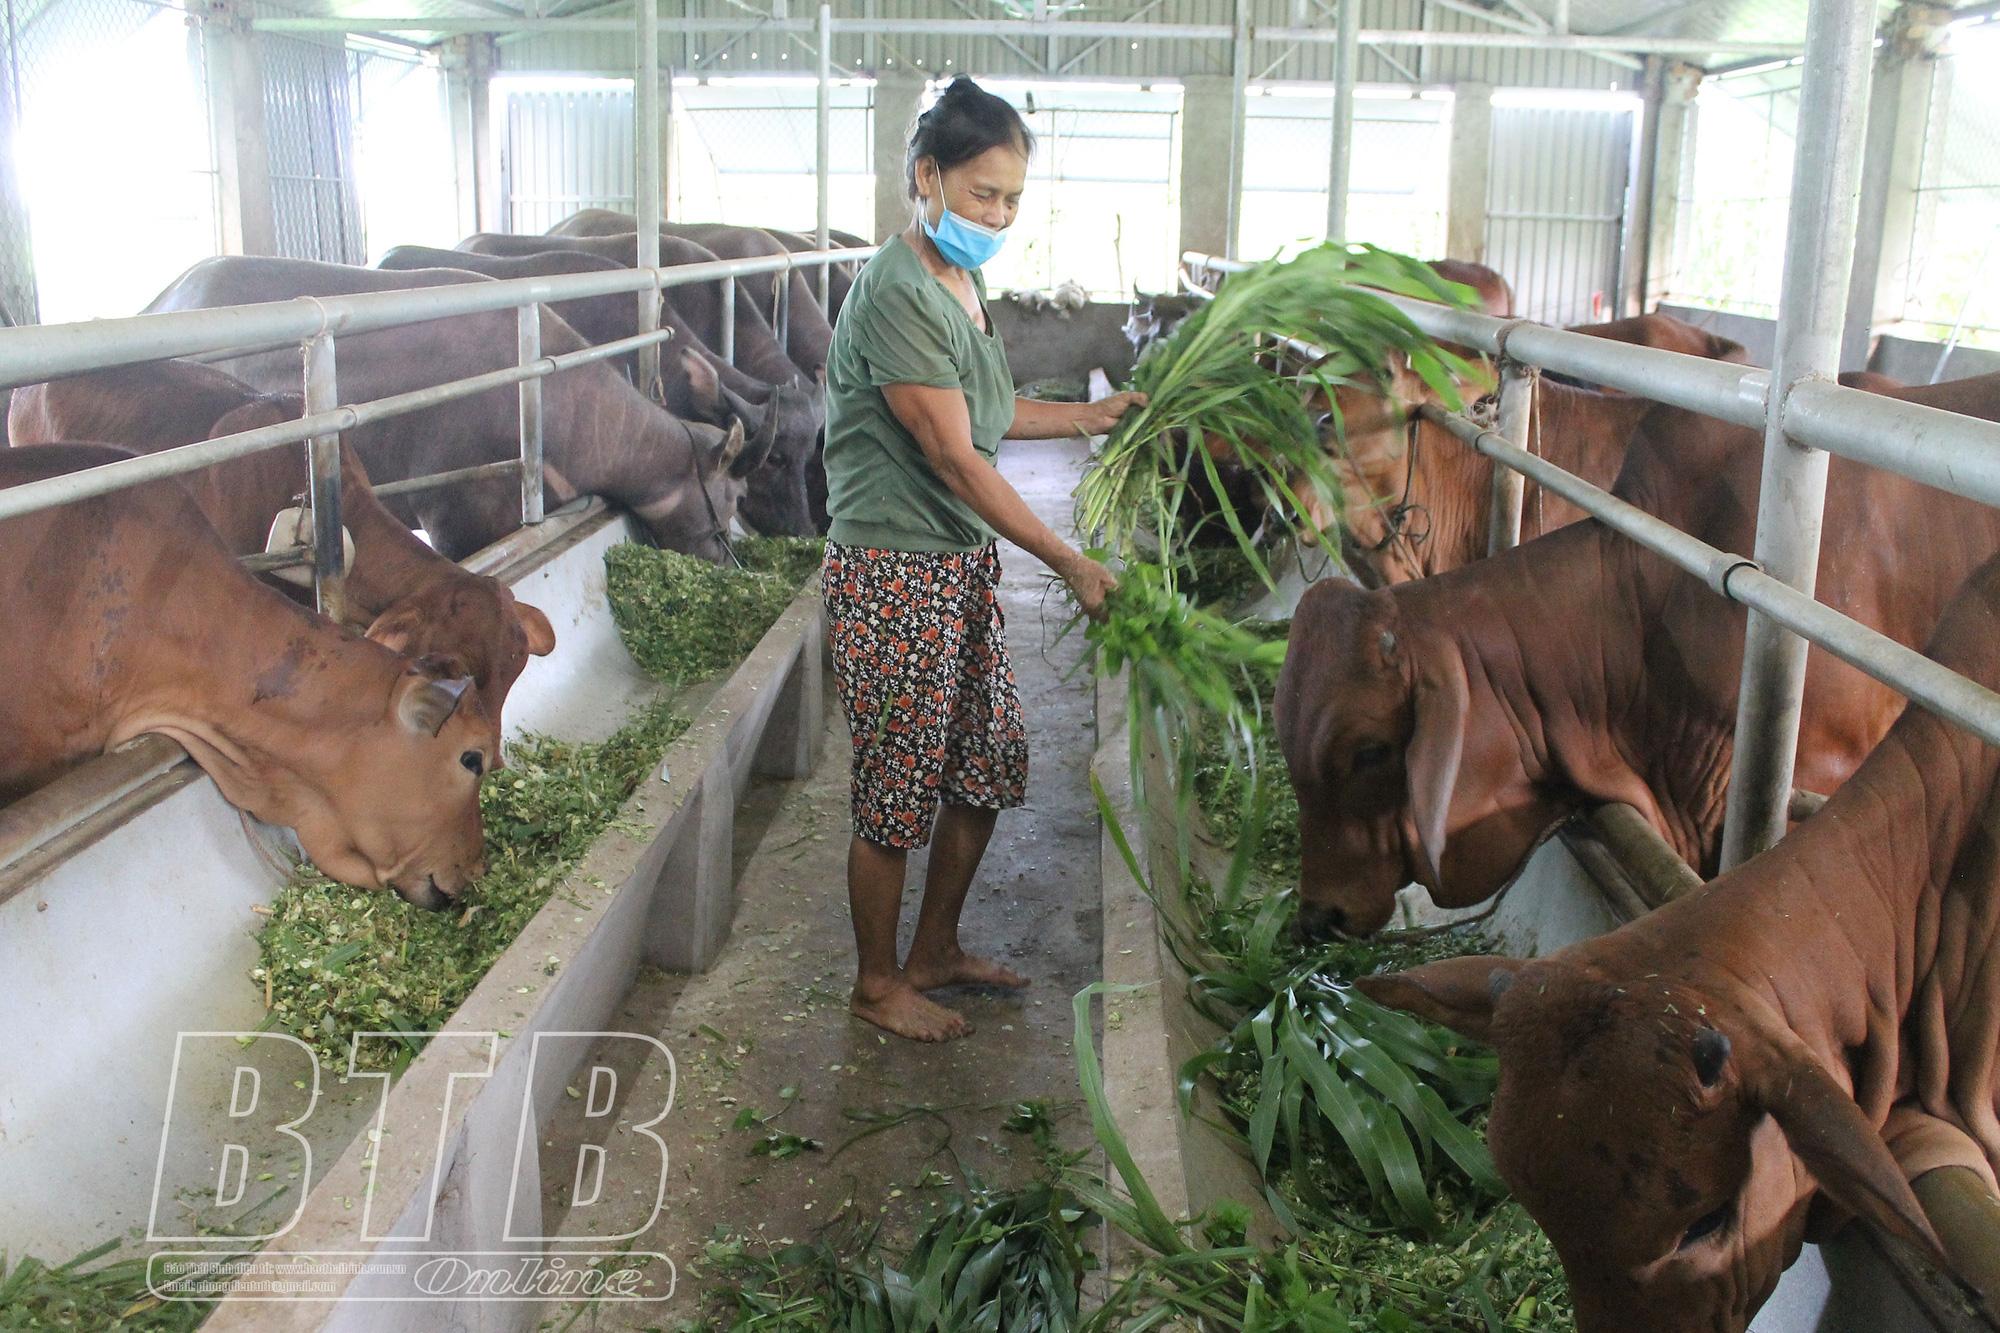 Thái Bình: Nuôi bò, nuôi trâu nhốt chuồng, ở nơi này nhà nào nuôi nhà đó khá giả, nuôi càng nhiều, lãi càng lớn - Ảnh 3.